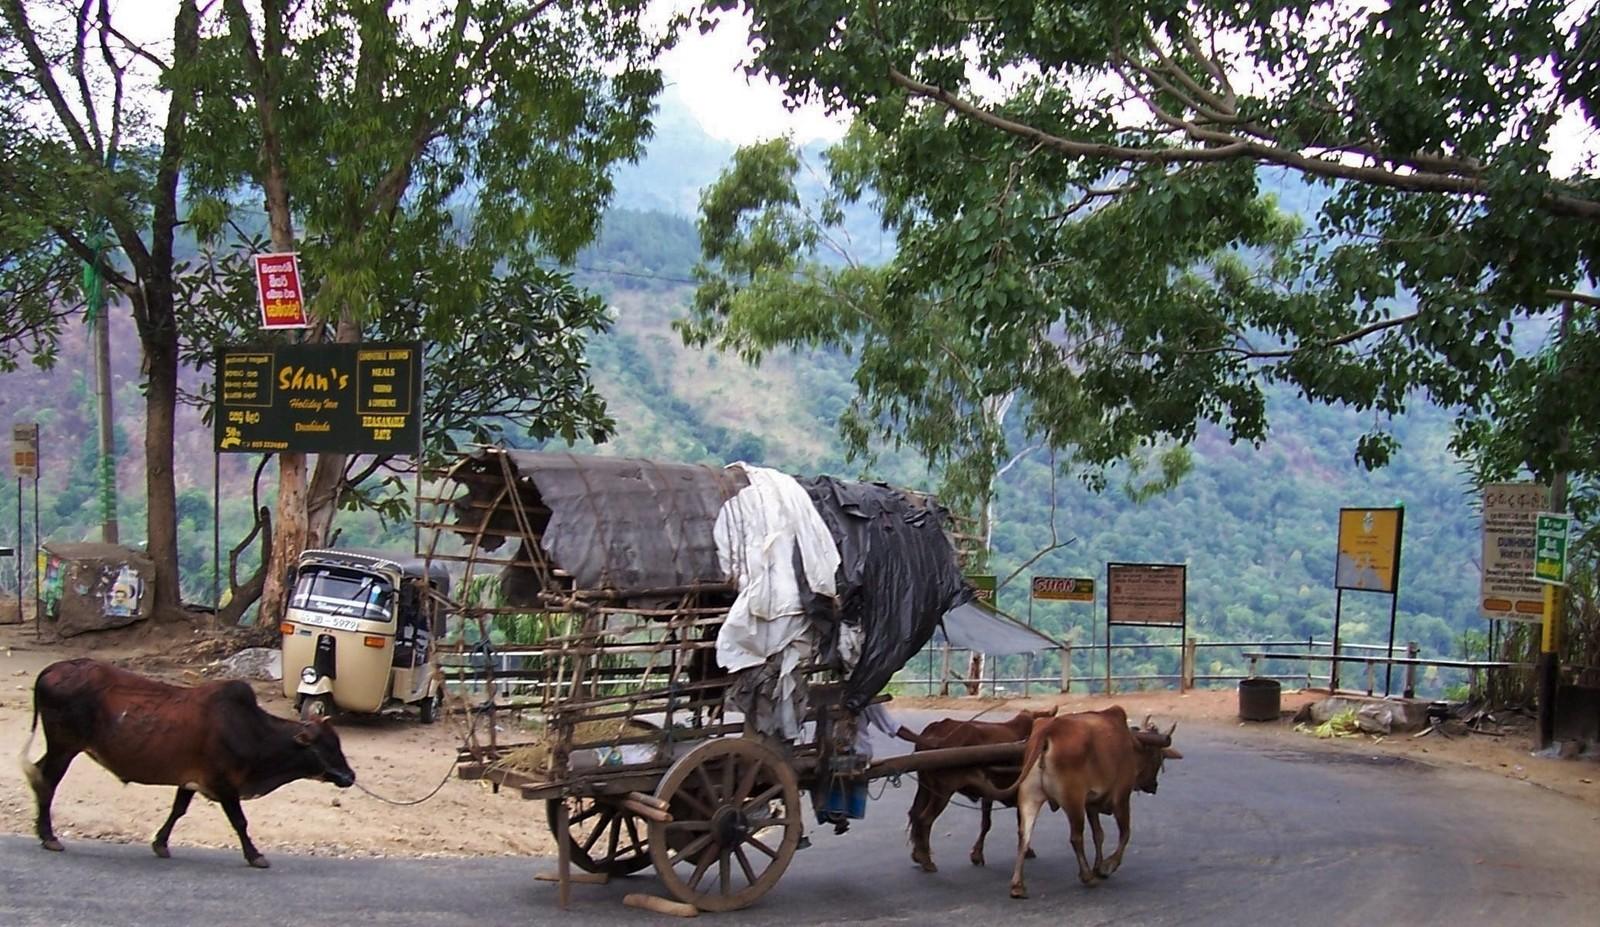 Ochsengespann an der Kehre Duhinda-R im Hochland von Ceylon